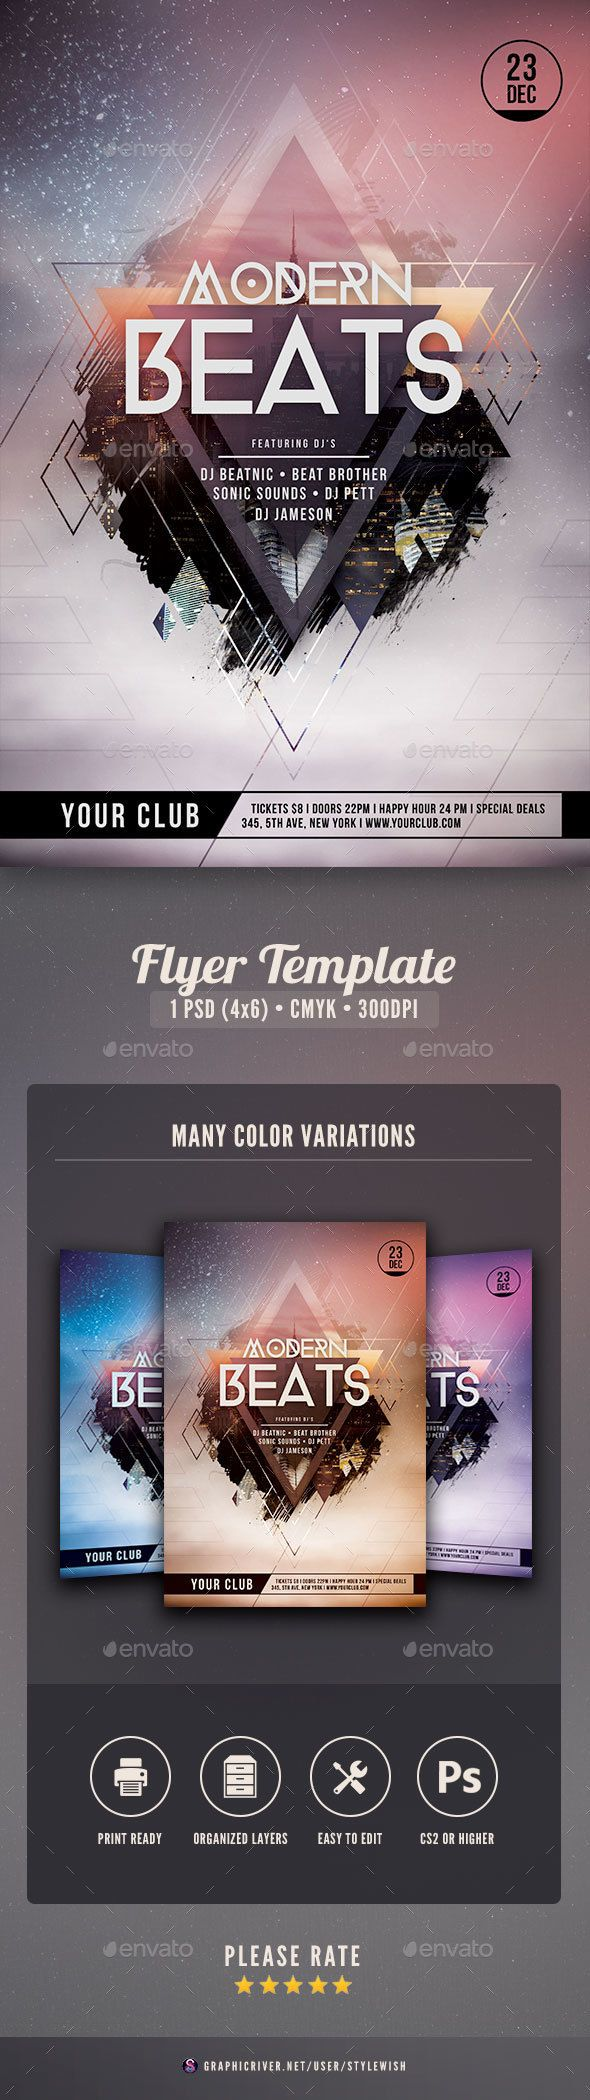 Modern Beats Flyer | Flyer template, Template and Flyer design templates